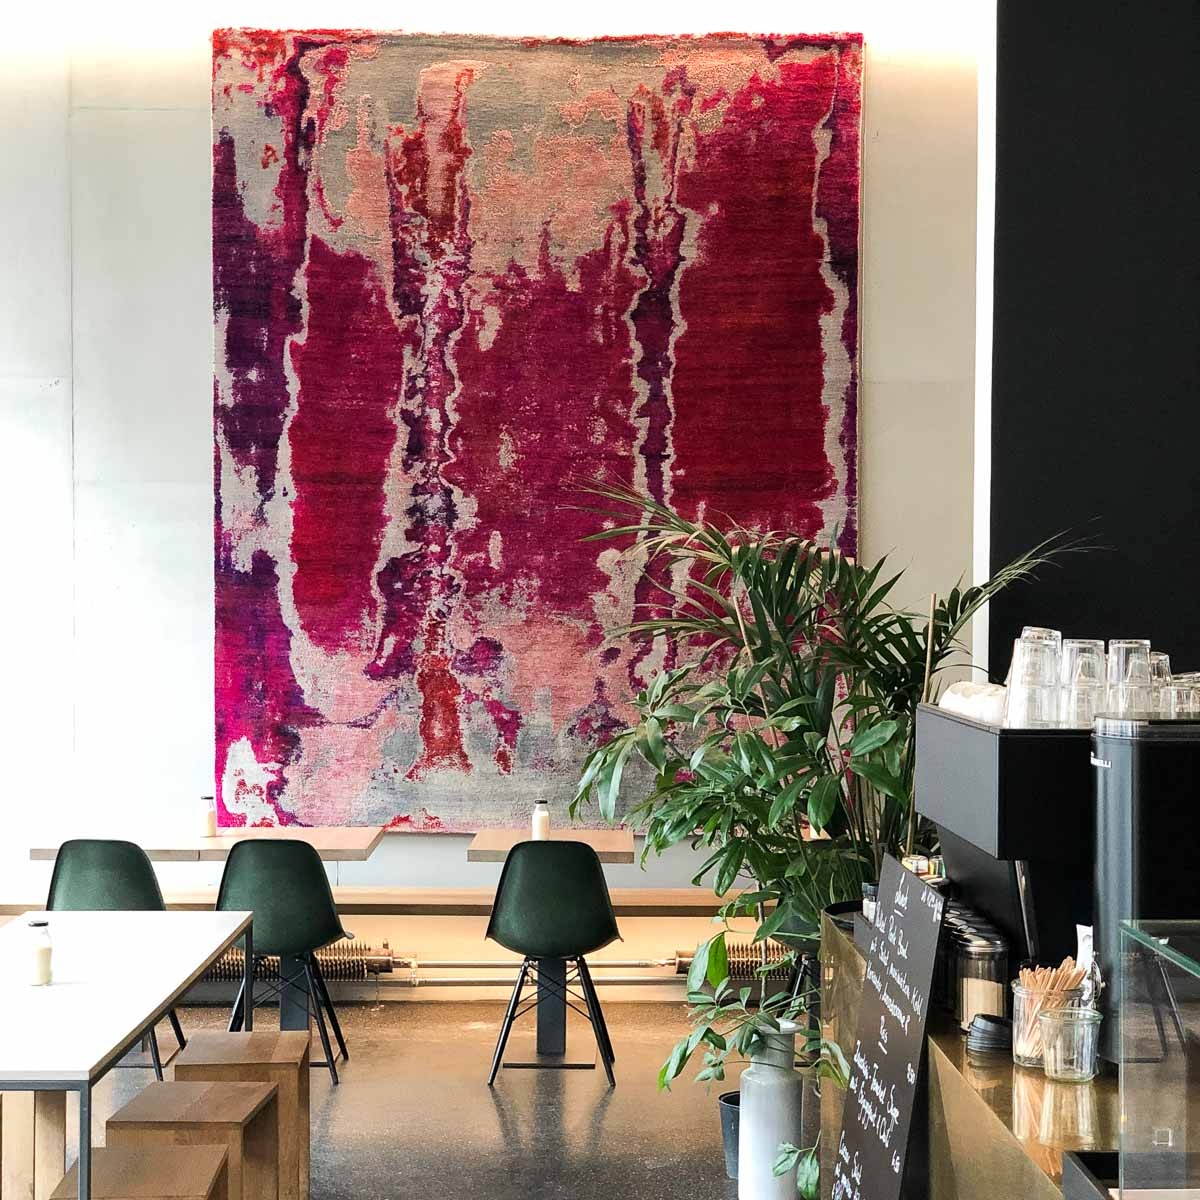 Café Eat 91 Potsdamer Straße Berlin-2